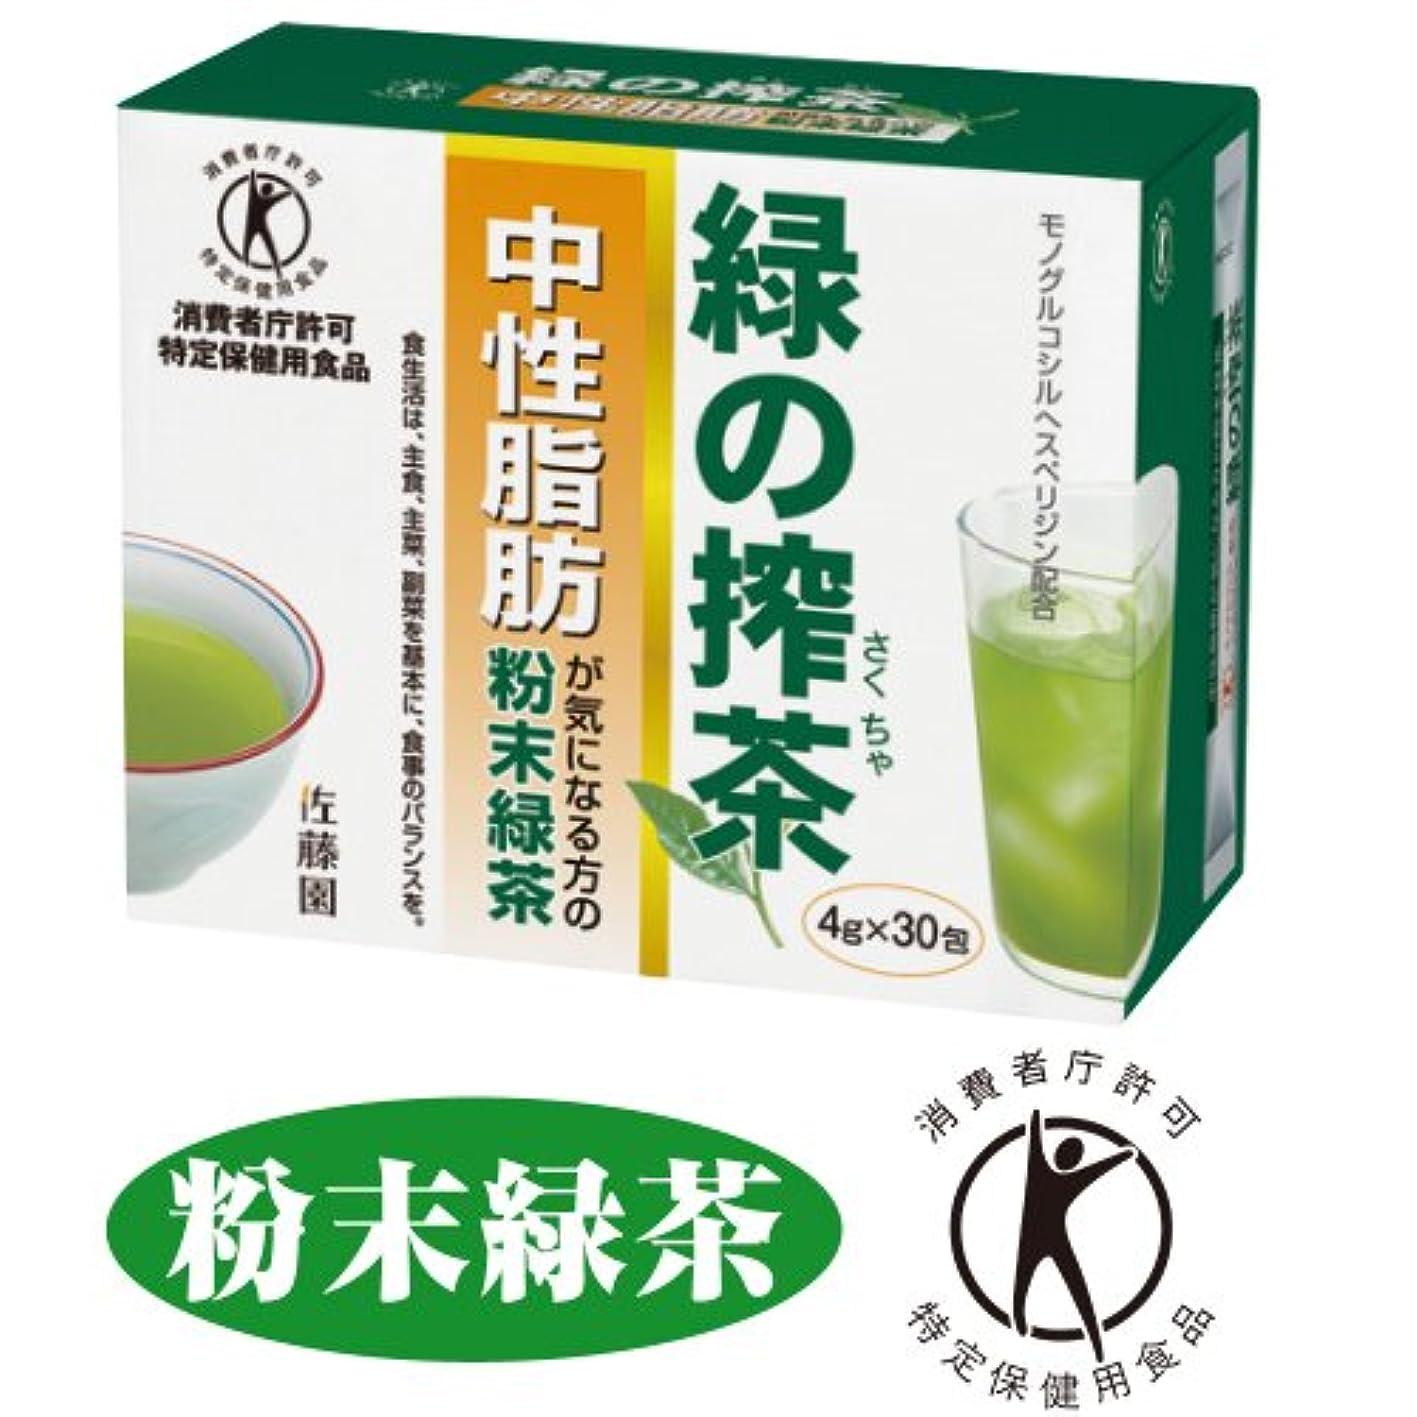 ミル悲観的快適佐藤園のトクホのお茶 緑の搾茶(中性脂肪) 30包 [特定保健用食品]